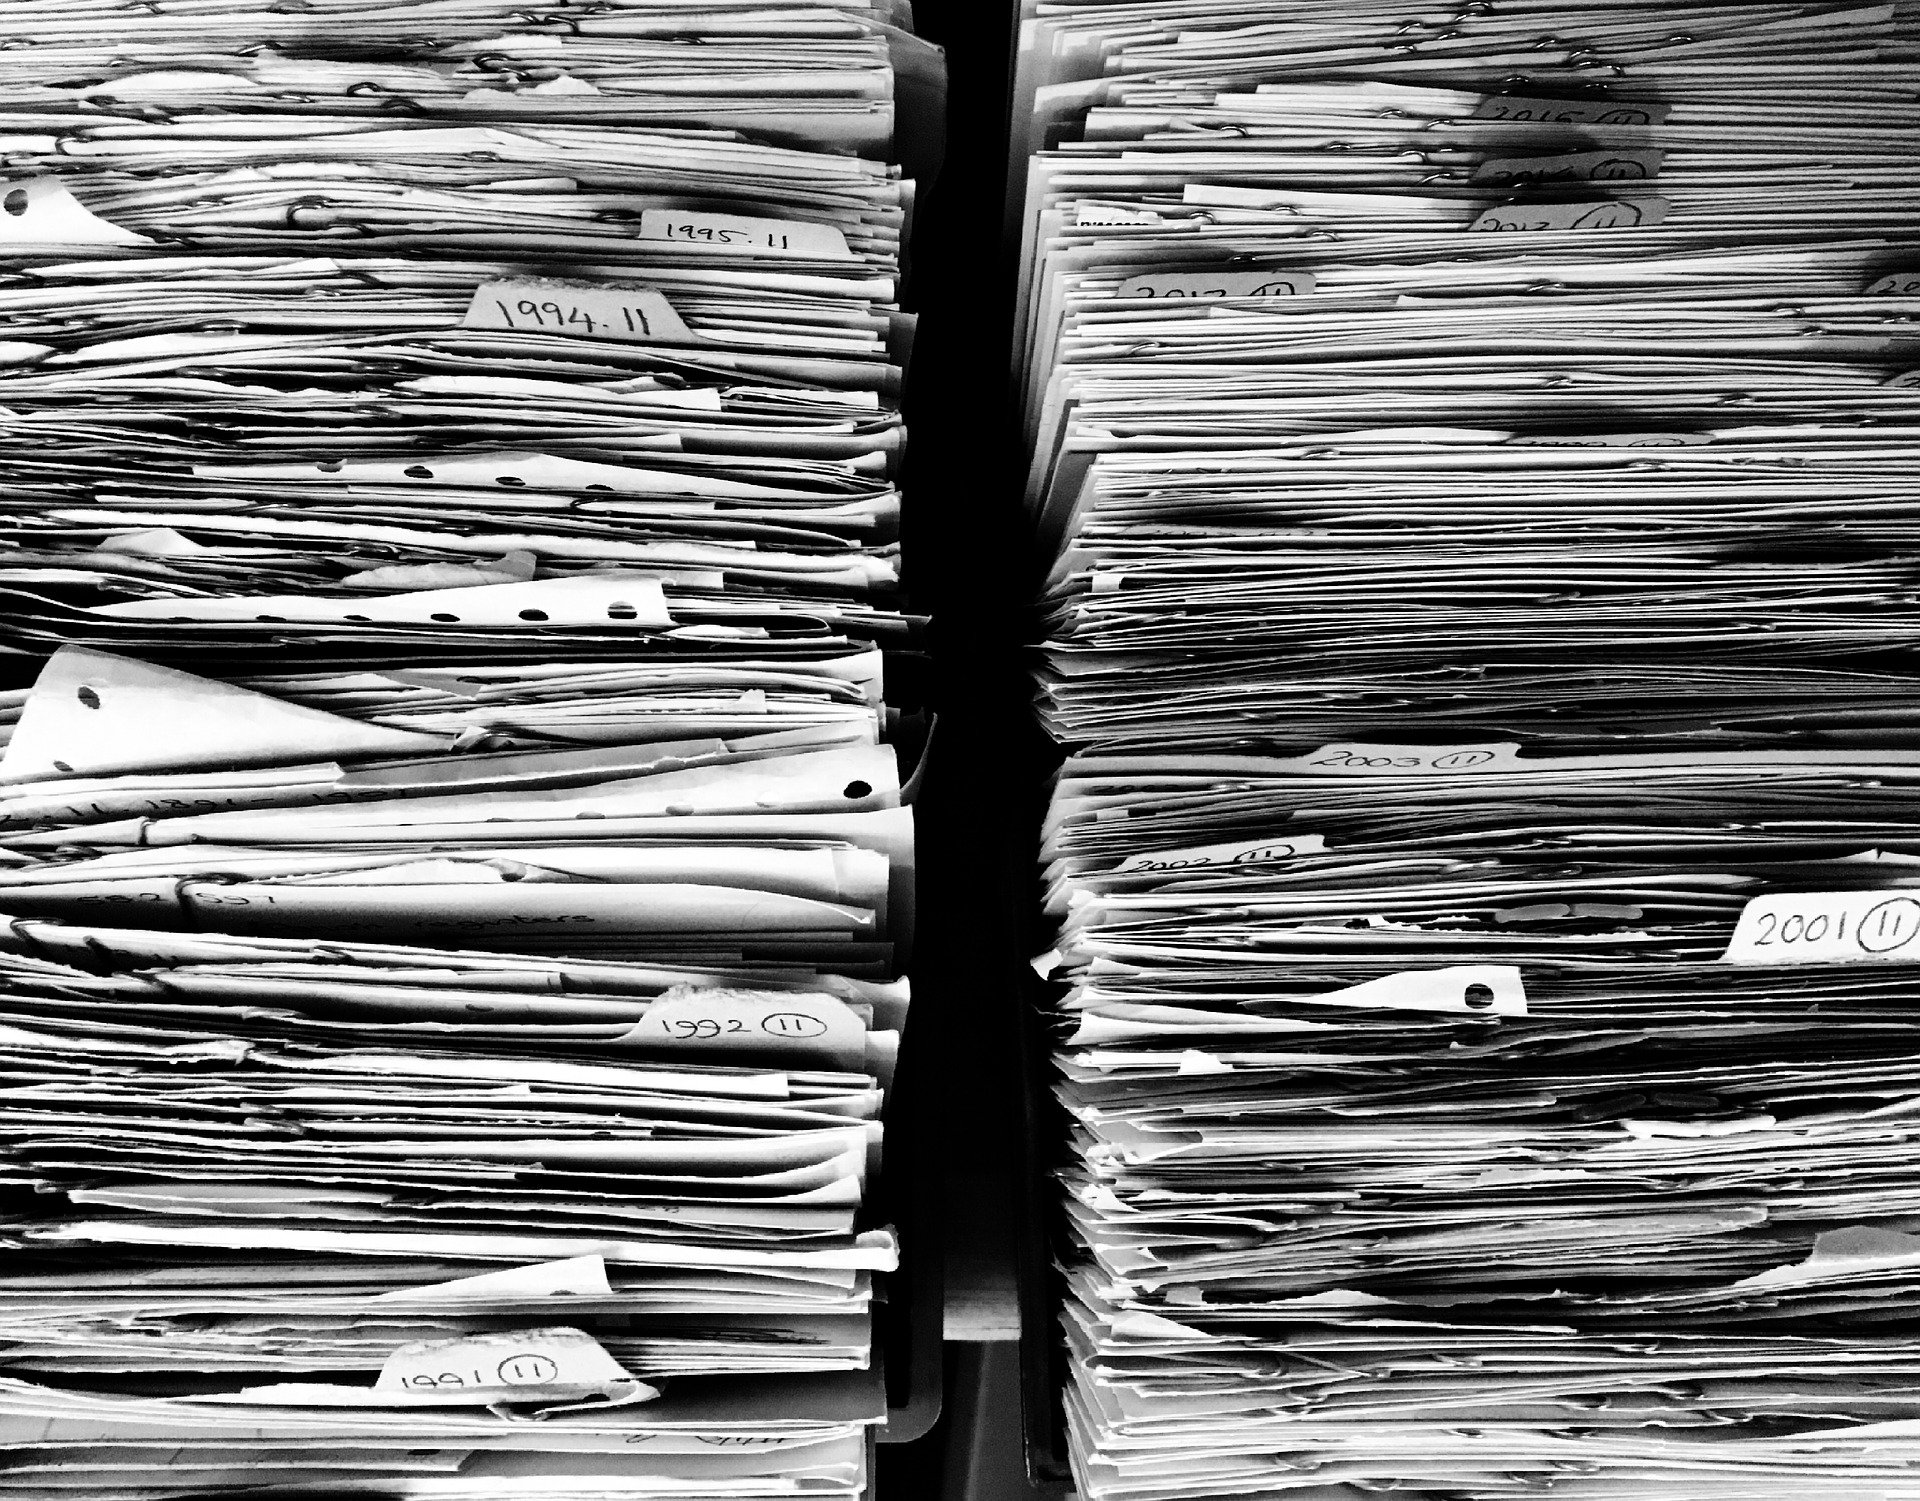 Sistema de extracção de dados de livros